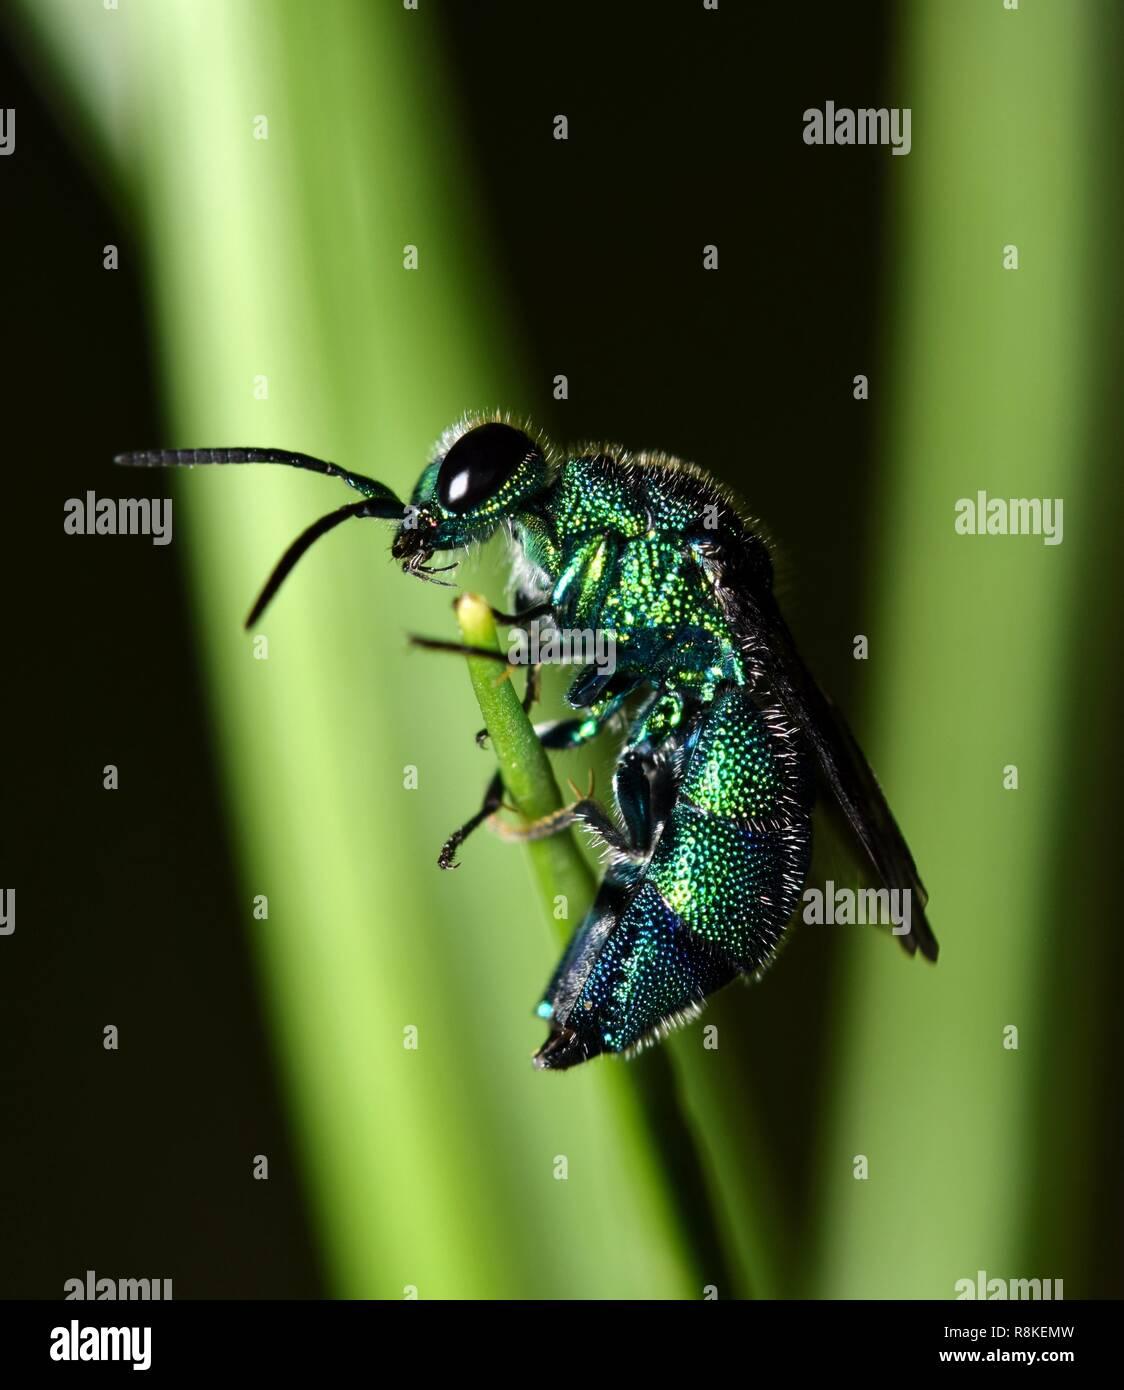 Ein kleiner Kuckuck Wasp nach von seinem Blatt Nest gestört zu werden. Es war flugunfähig und nicht schätzen es, in der Nacht gestört beim Versuchen zu schlafen. Stockbild